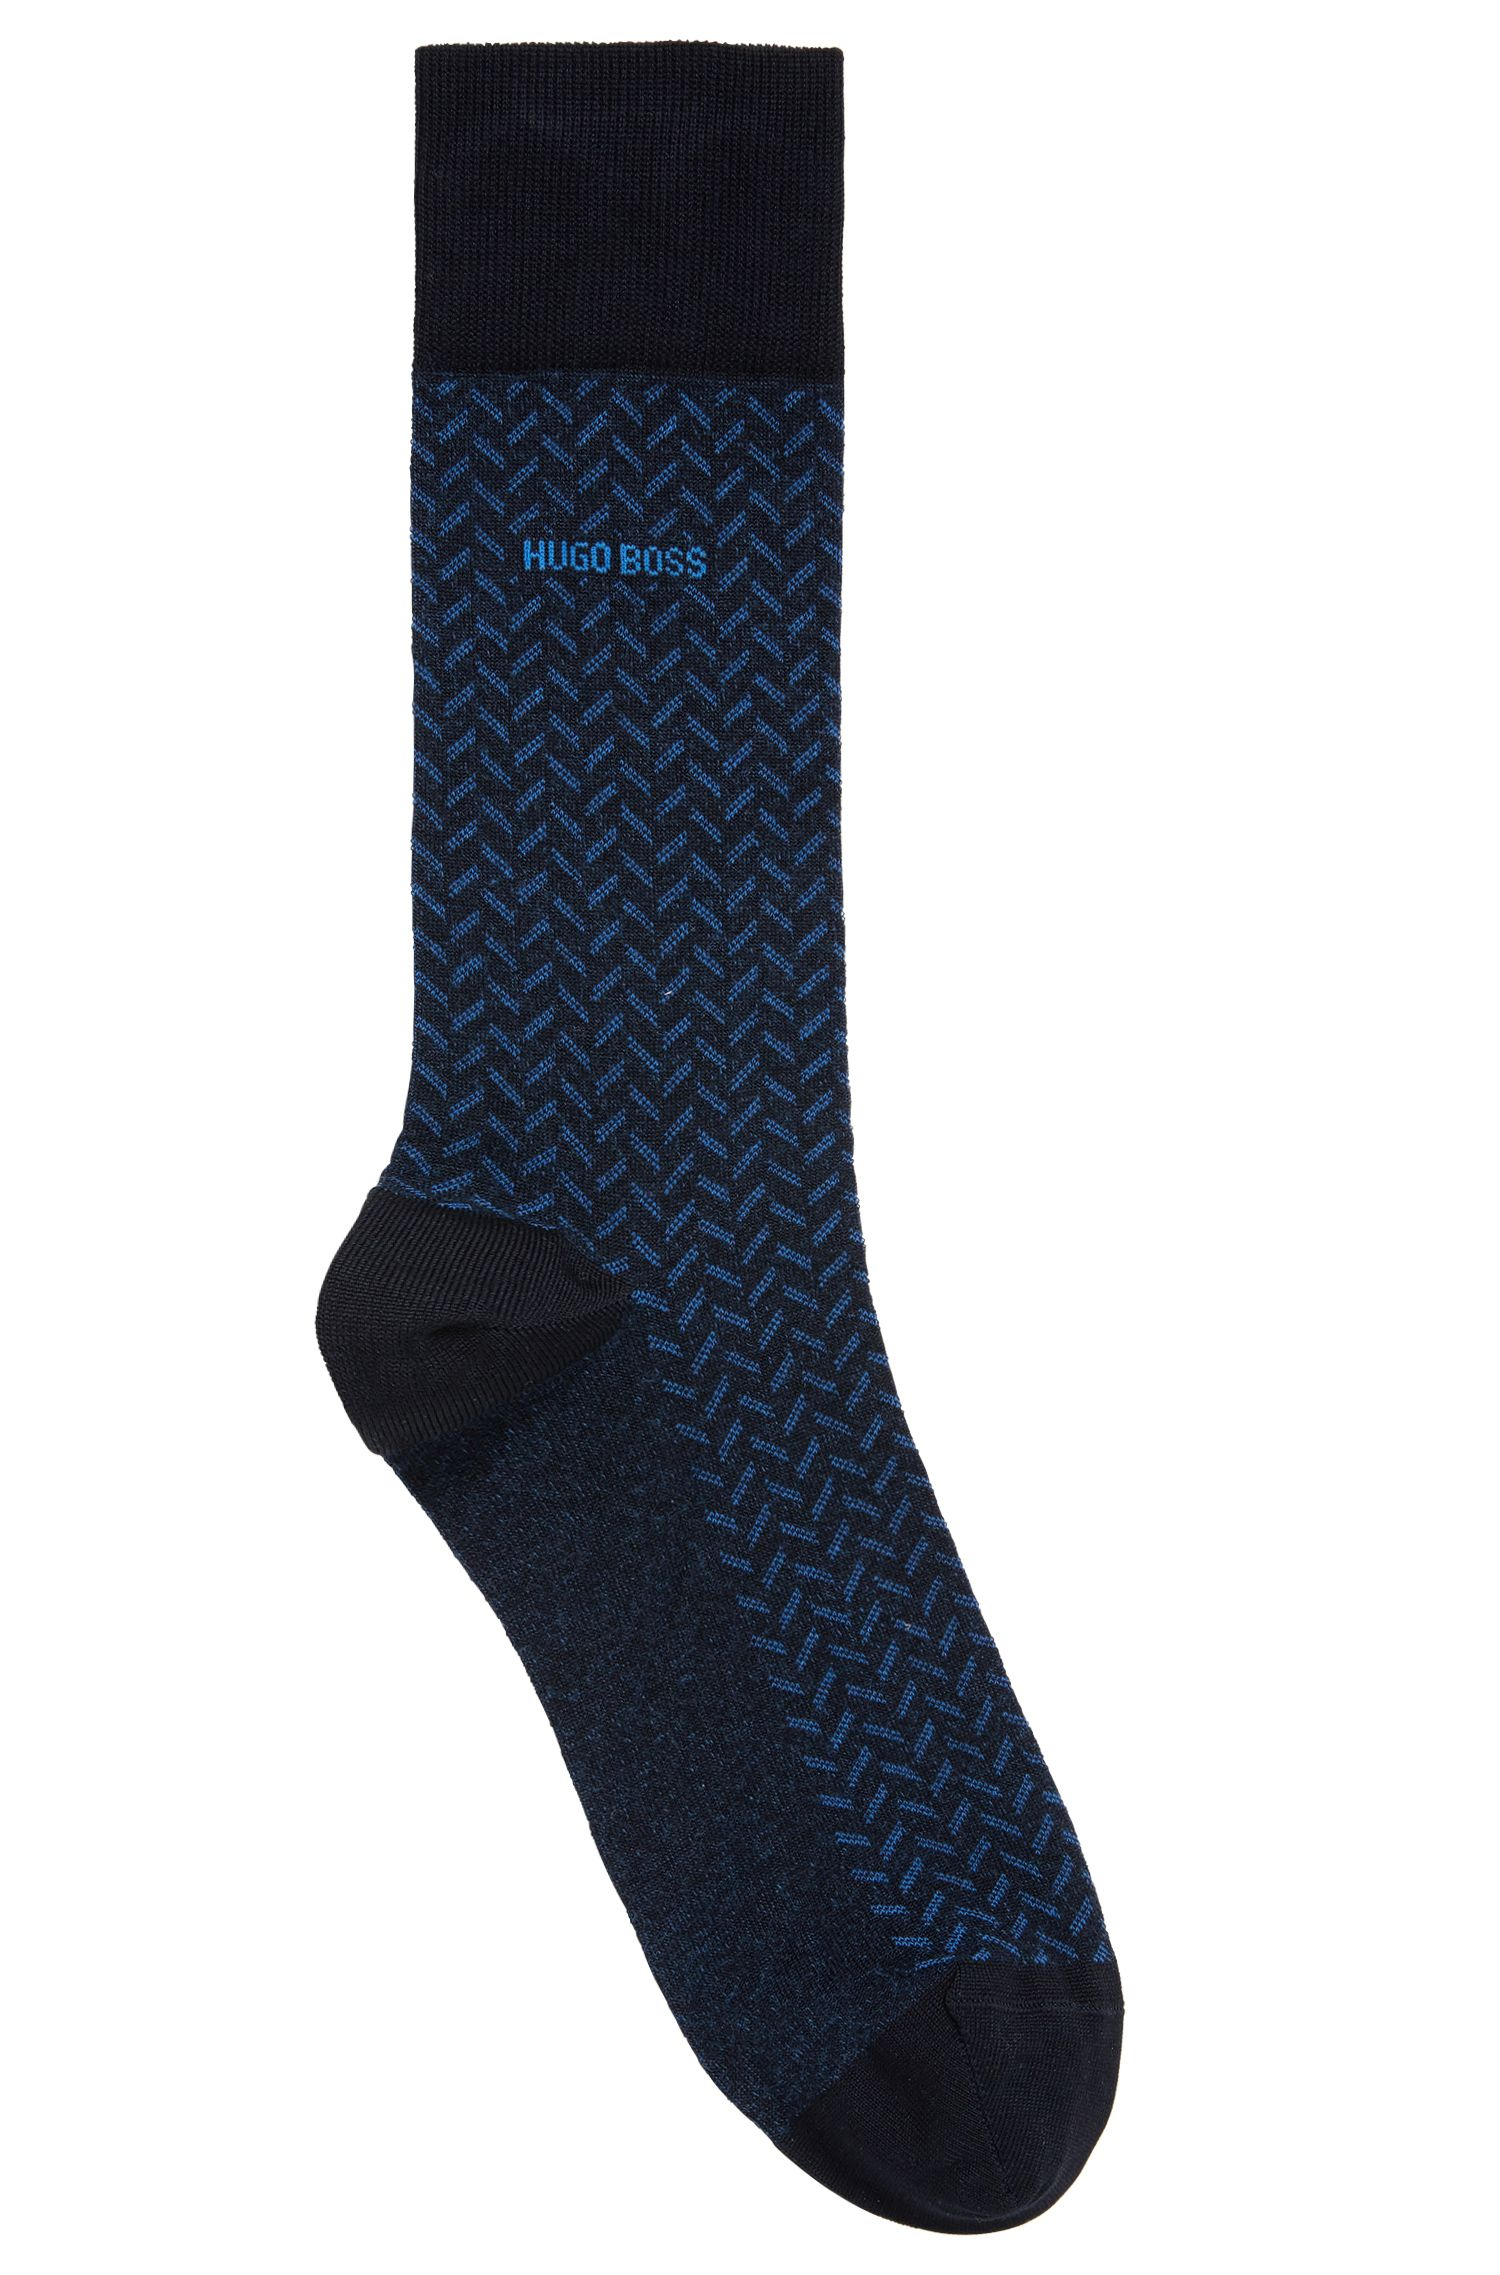 Calcetines en algodón elástico mercerizado con estampado de espiga